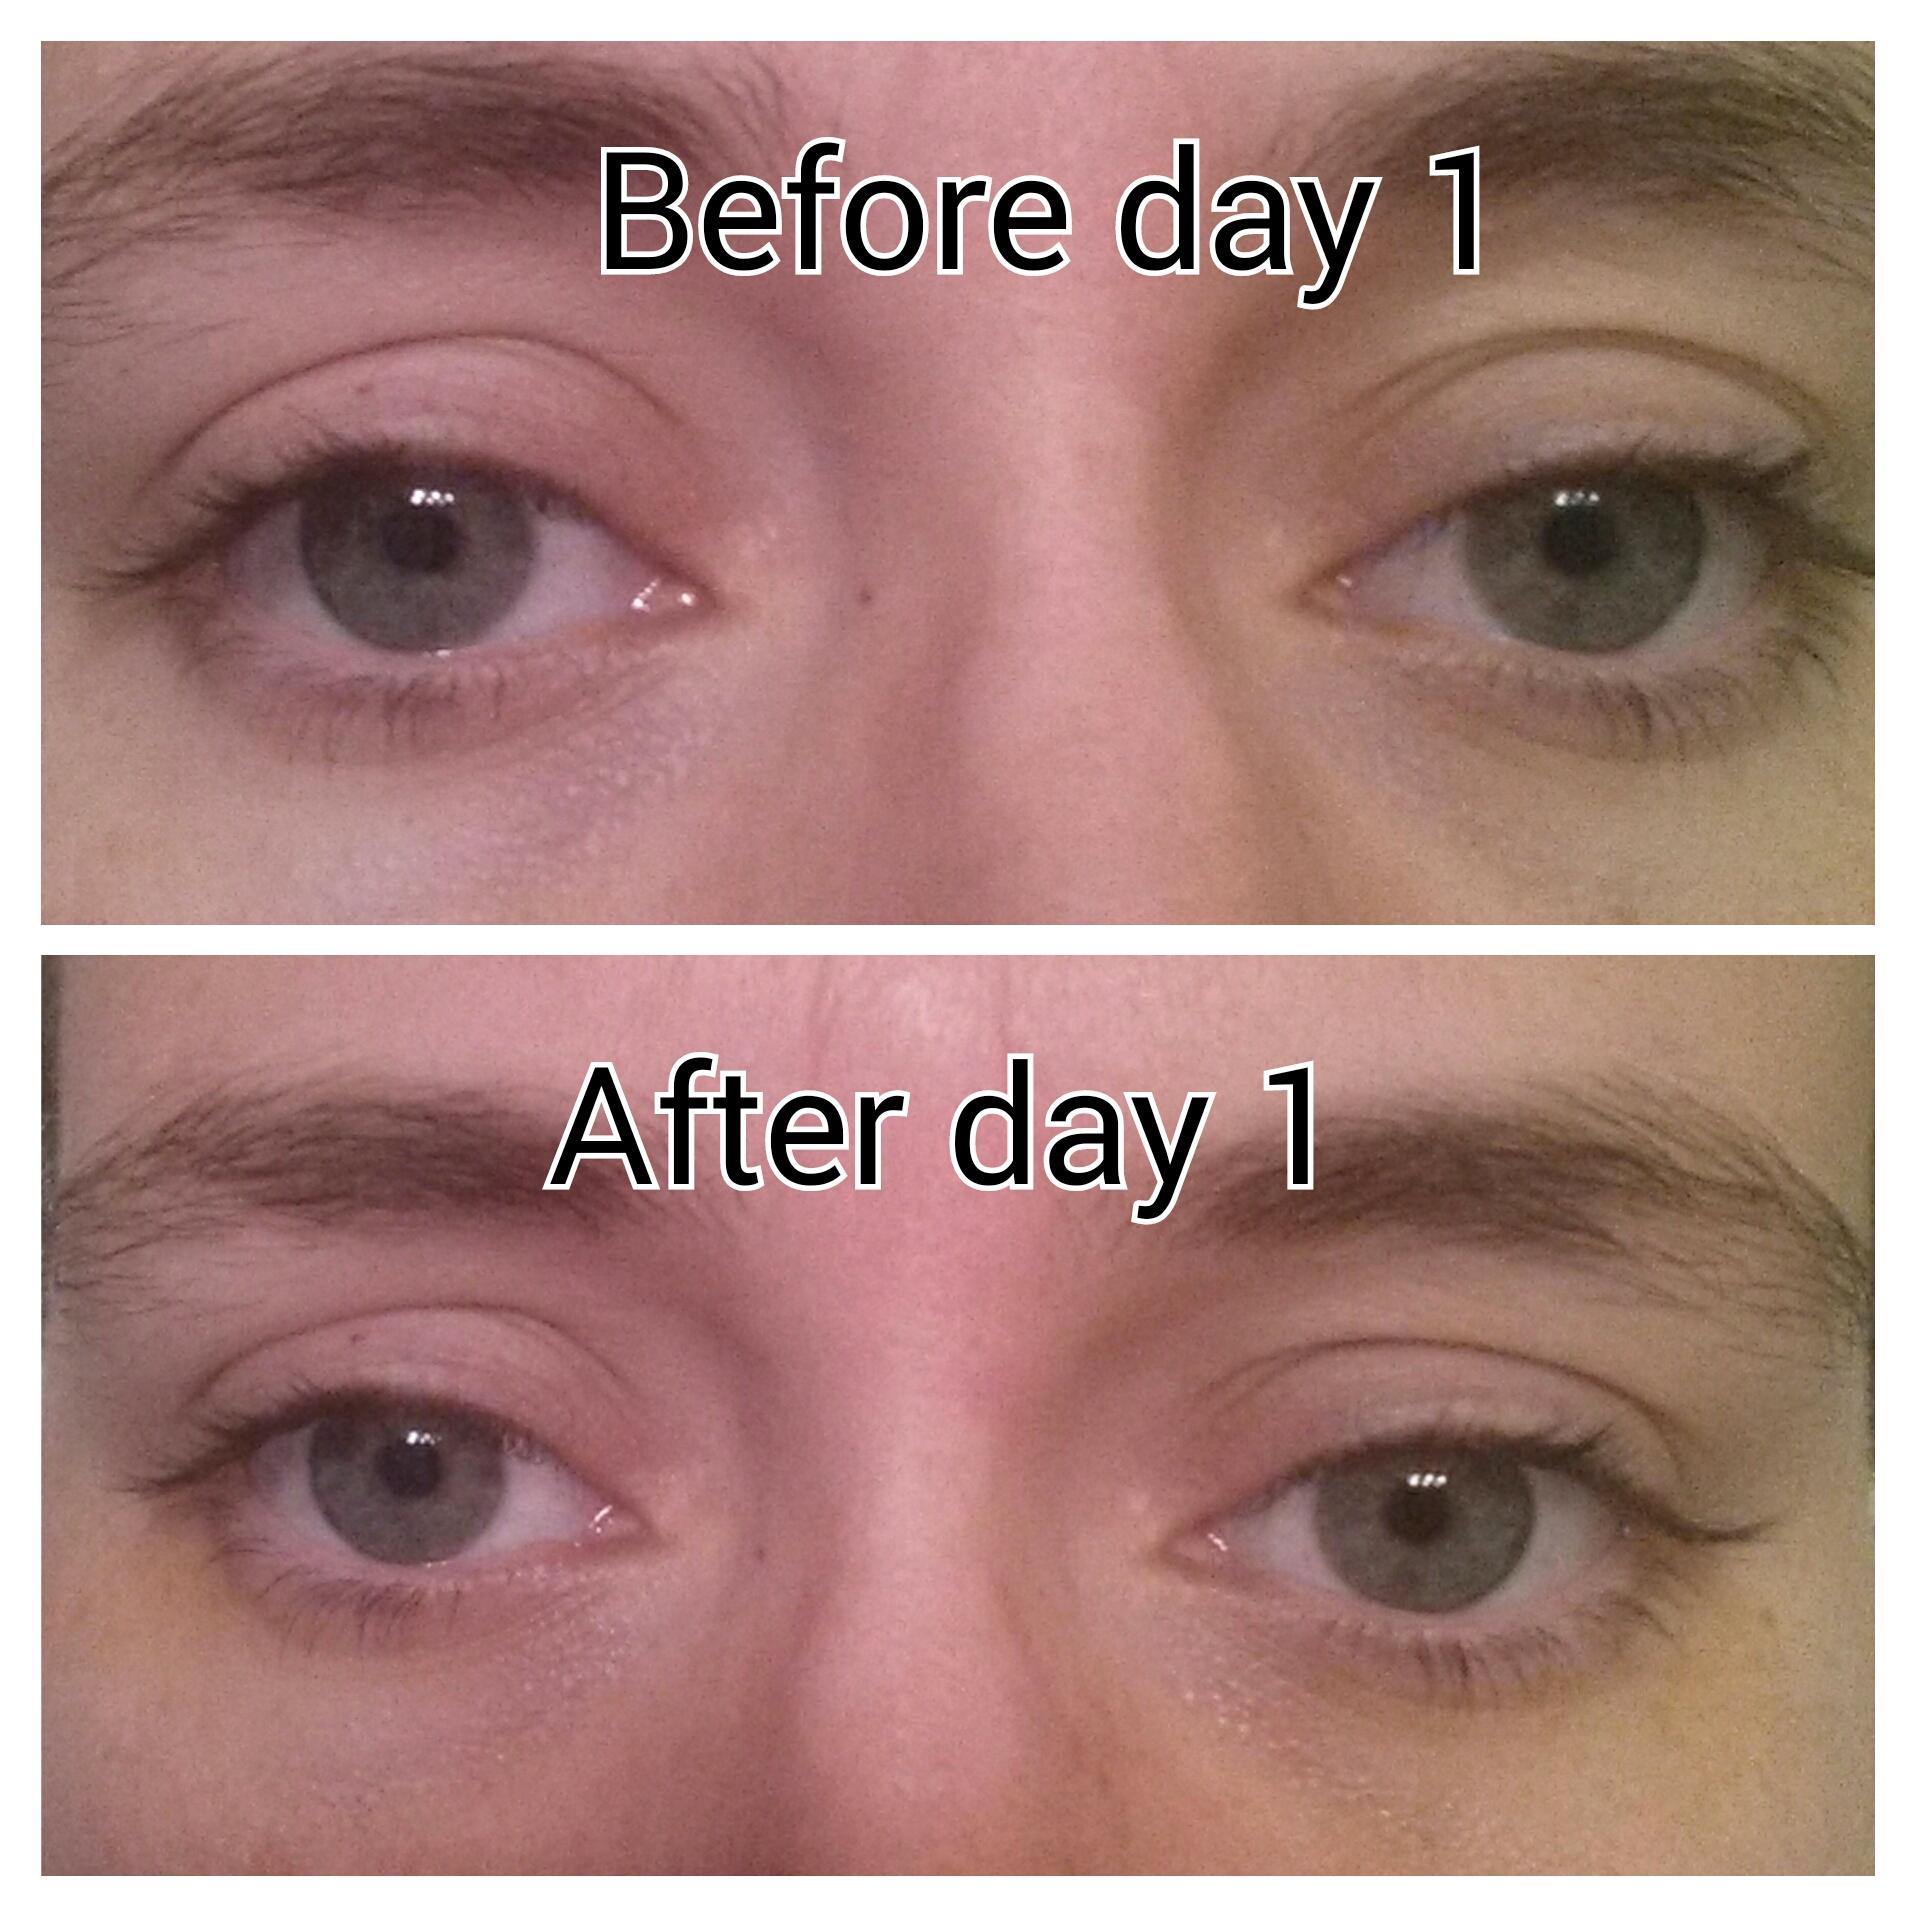 Công thức có chứa Matrixyl 3000 giúp làm đầy các nếp nhăn, trẻ hóa vùng da quanh mắt